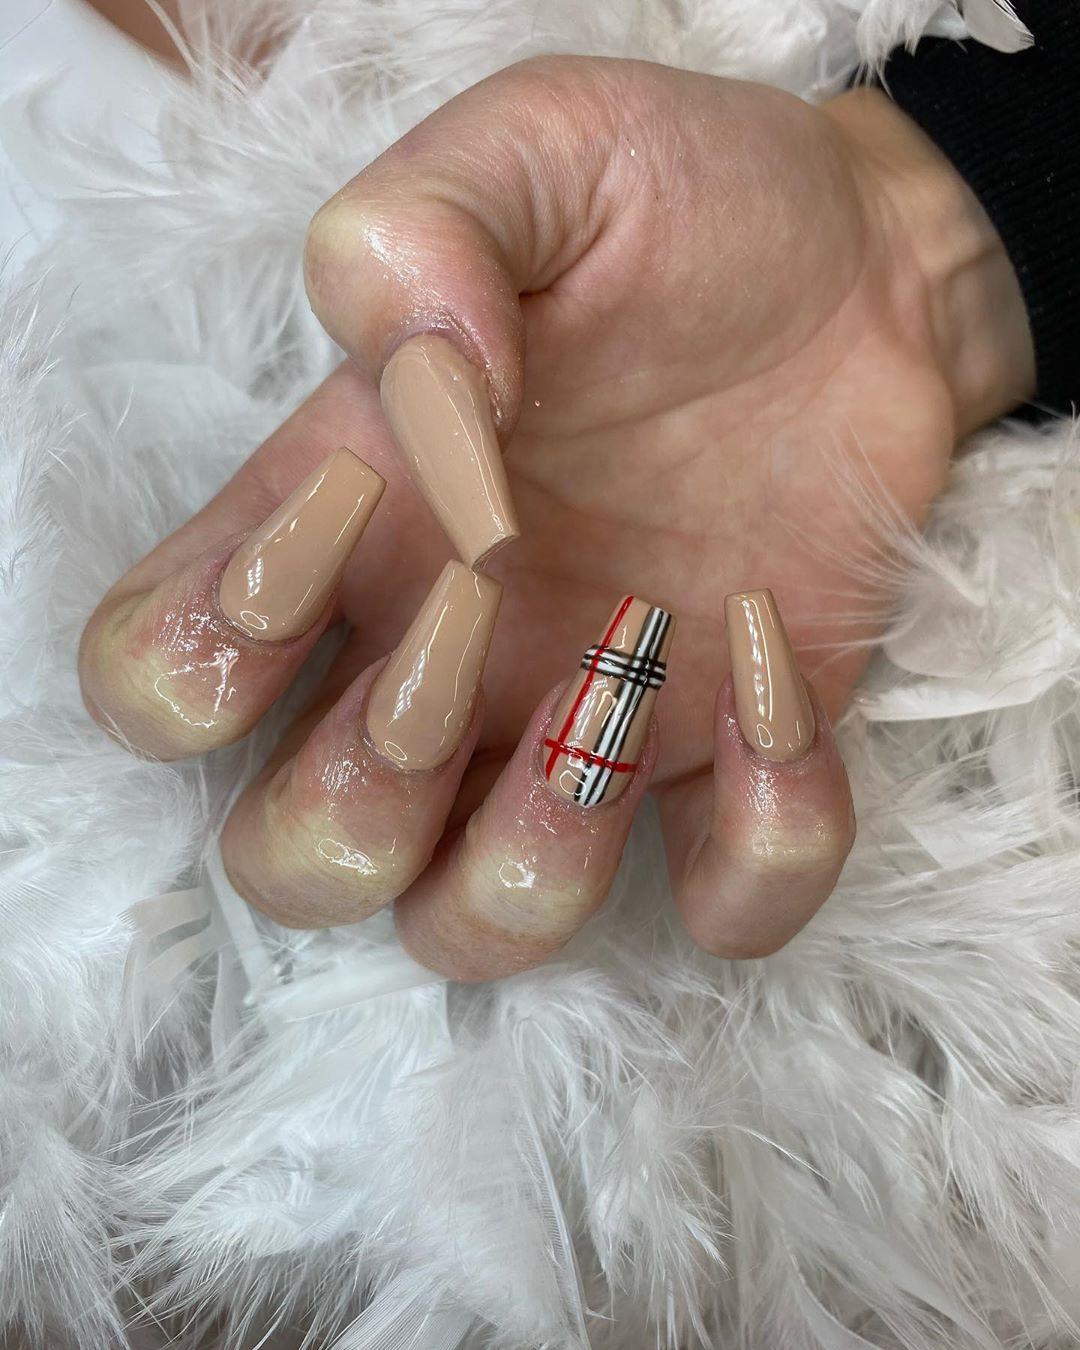 Kylie Jenner Inspired Nails To Try This Season,nailinspo,nailsdone,nailsdid,nails,nailblogger ,nailfie,acrylicnails ,fallnails,Coffin nails,marblenails ,nail2inspire,ivynailss,nailsinla,nailartist,kyliejennernails